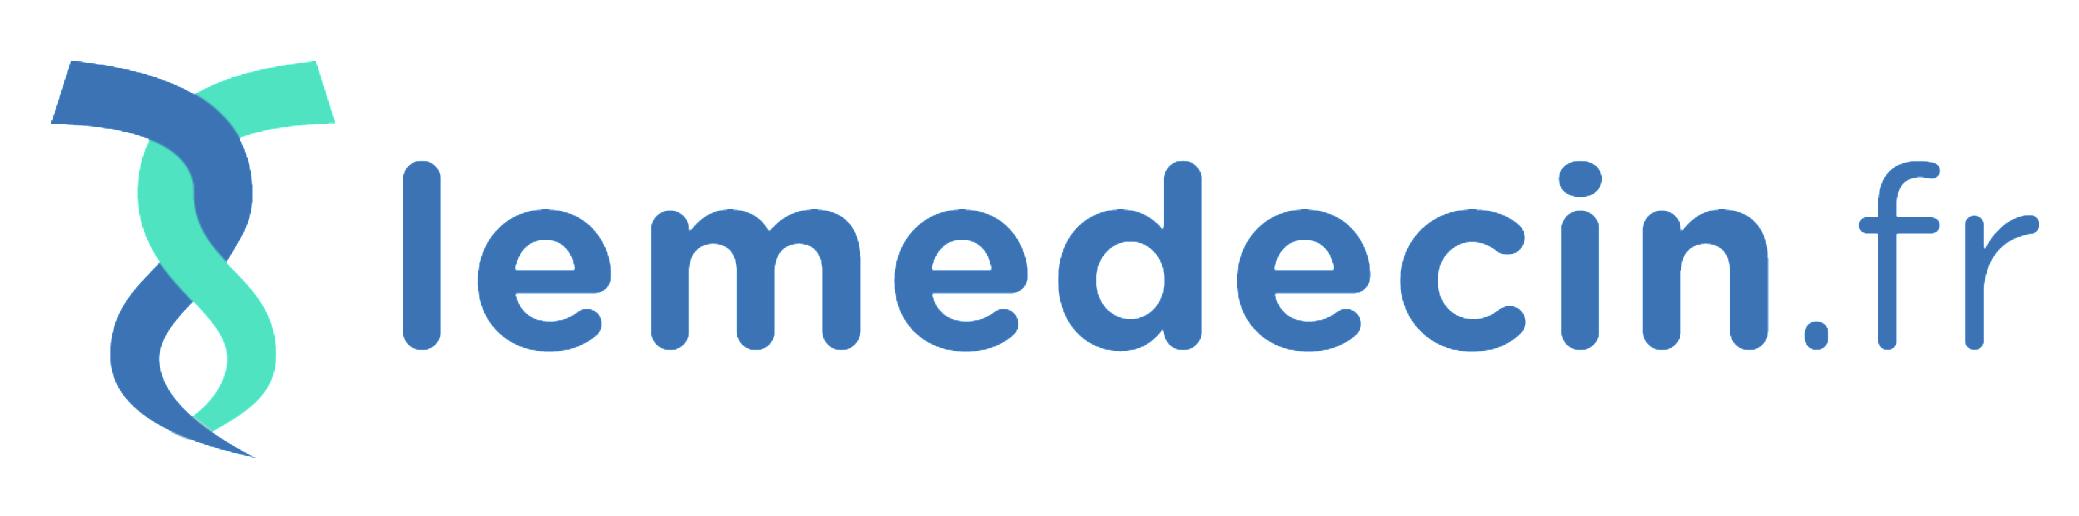 Lemedecin.fr